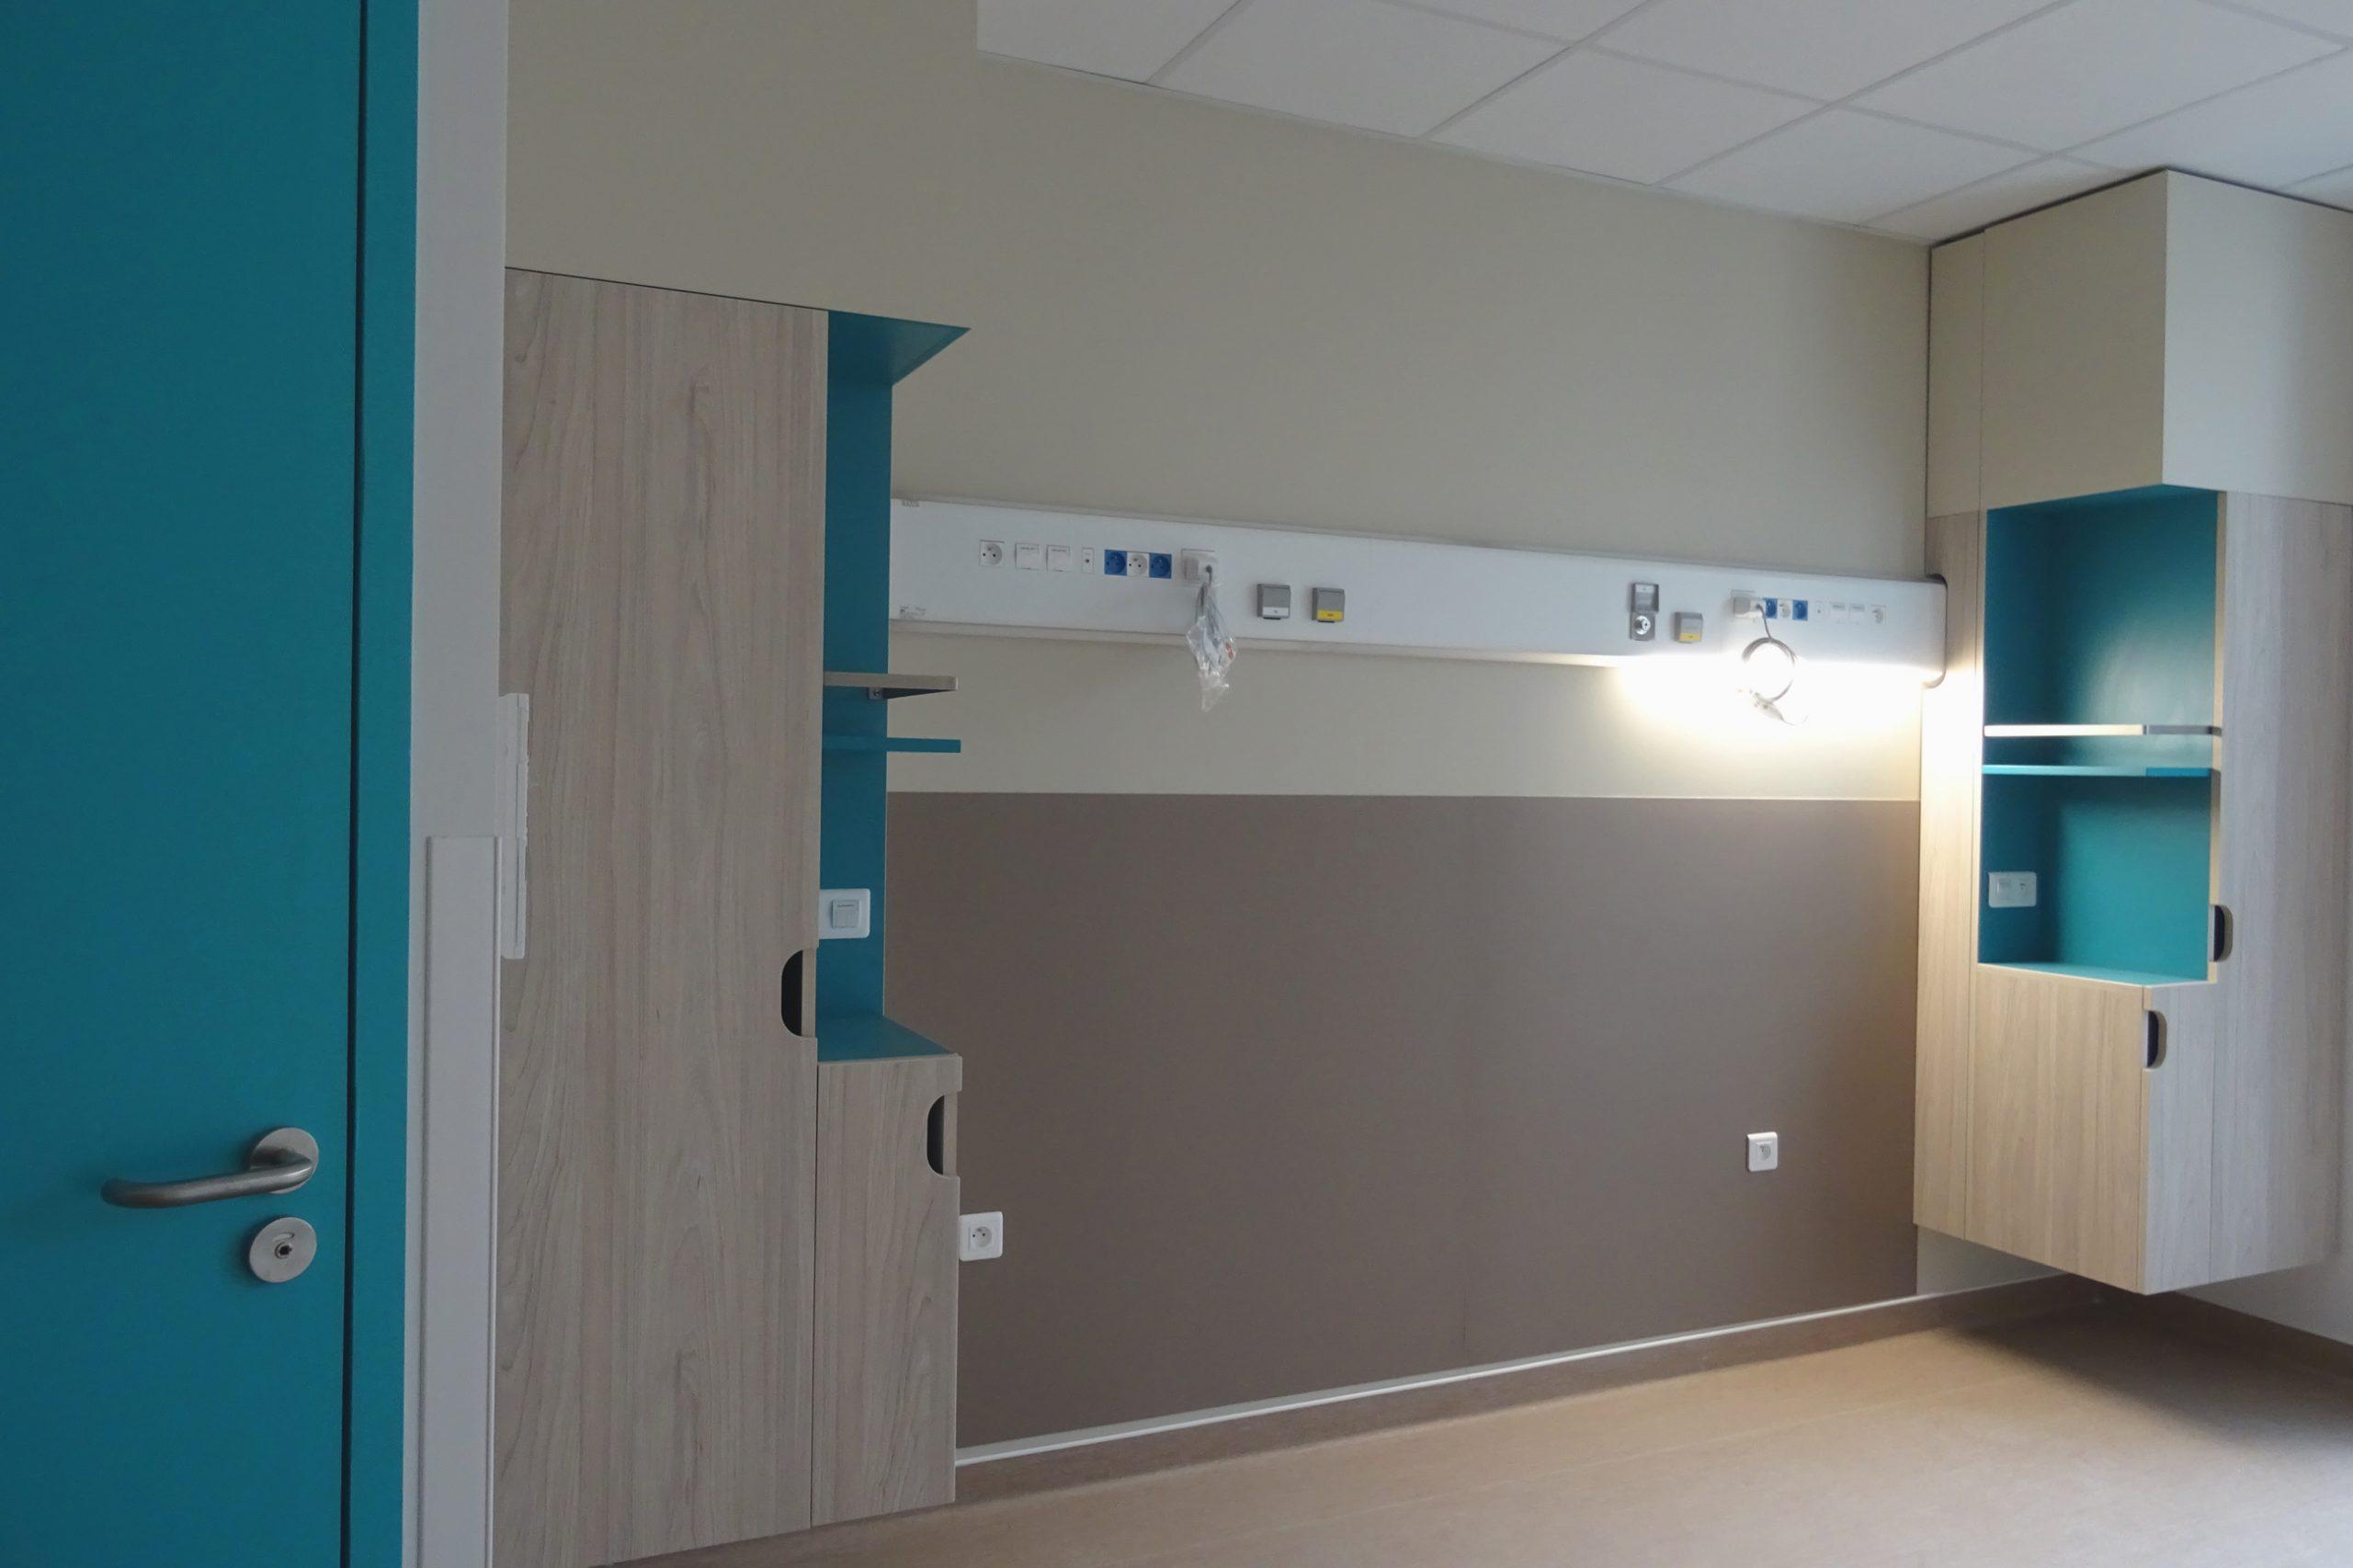 Nouvel Hôpital de Libourne-Ambiance chambre